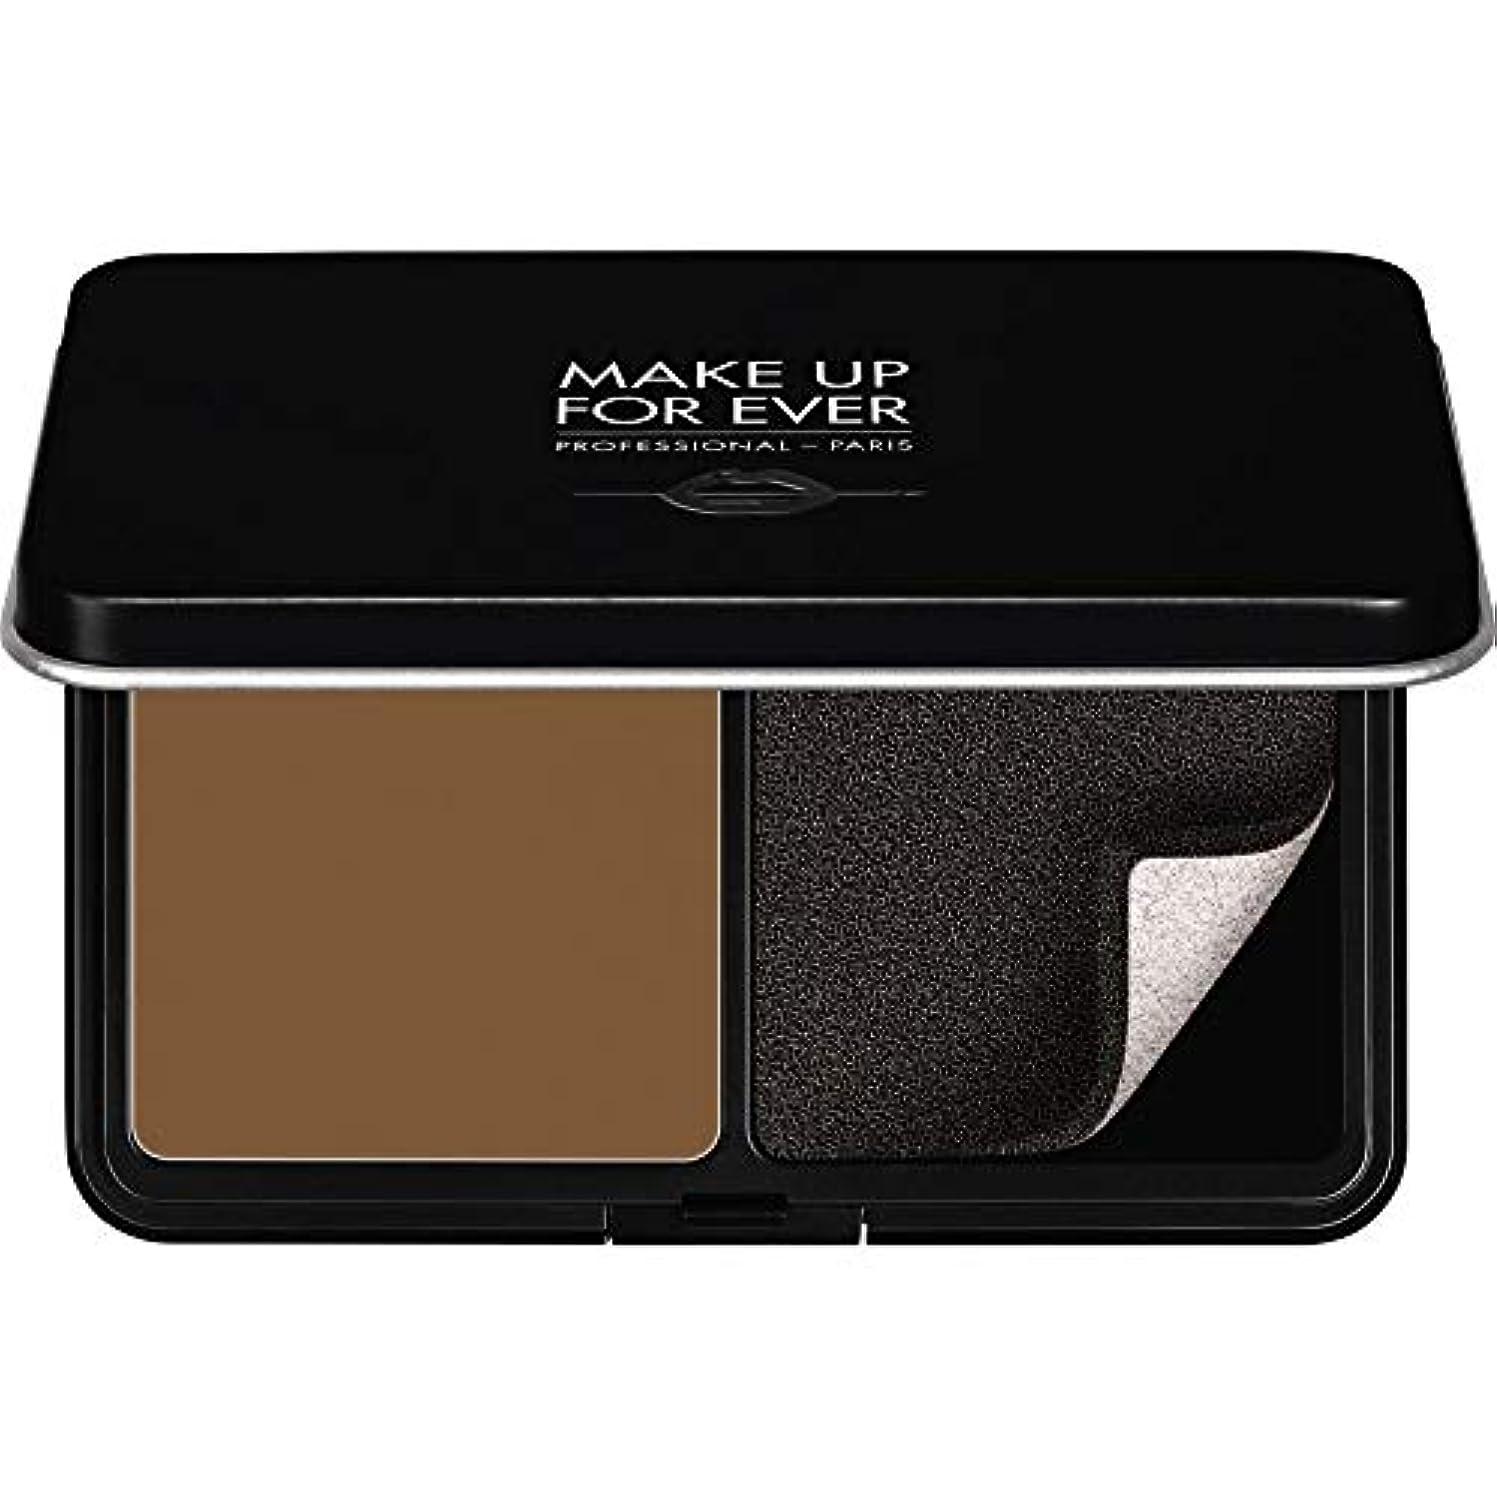 音声眠る引き出し[MAKE UP FOR EVER] パウダーファンデーション11GののR540をぼかし、これまでマットベルベットの肌を補う - ダークブラウン - MAKE UP FOR EVER Matte Velvet Skin Blurring Powder Foundation 11g R540 - Dark Brown [並行輸入品]